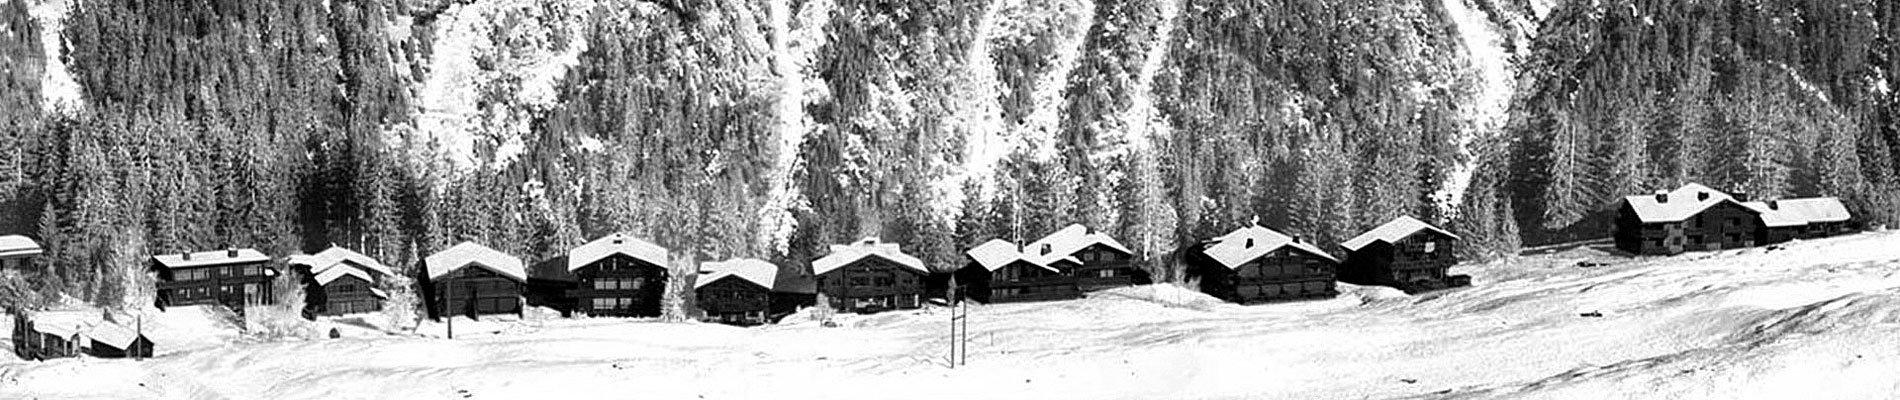 portetta-courchevel-lodges-en-lofts-les-3-vallees